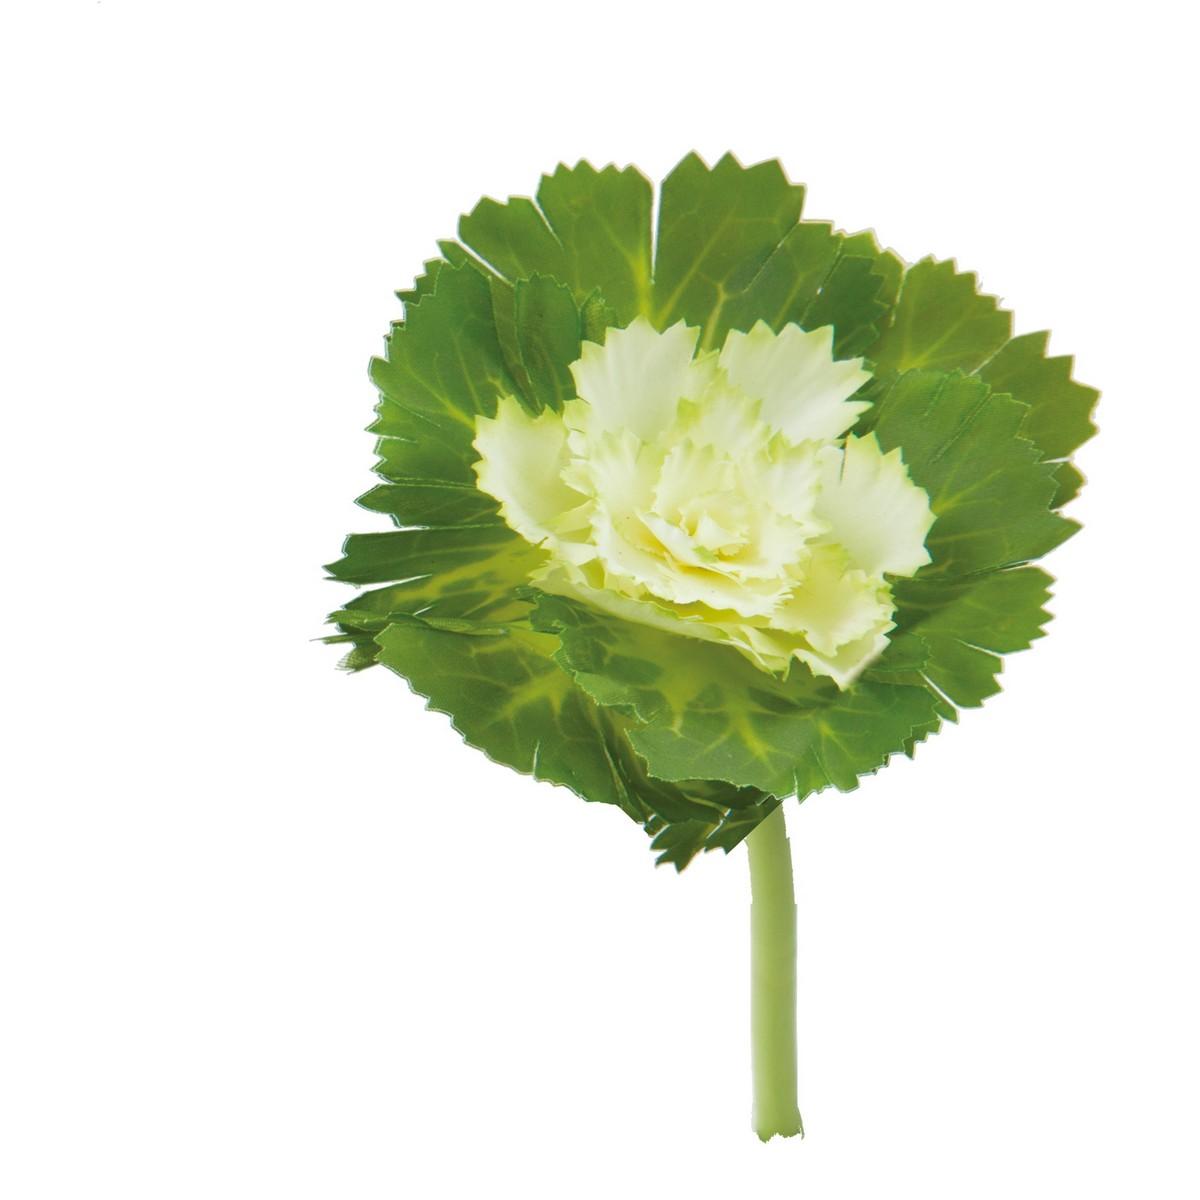 【造花】YDM/ハボタンピックS ホワイトグリーン/FS-5251-W/G【01】【01】【取寄】《 造花(アーティフィシャルフラワー) 造花 花材「は行」 ハボタン(葉牡丹) 》